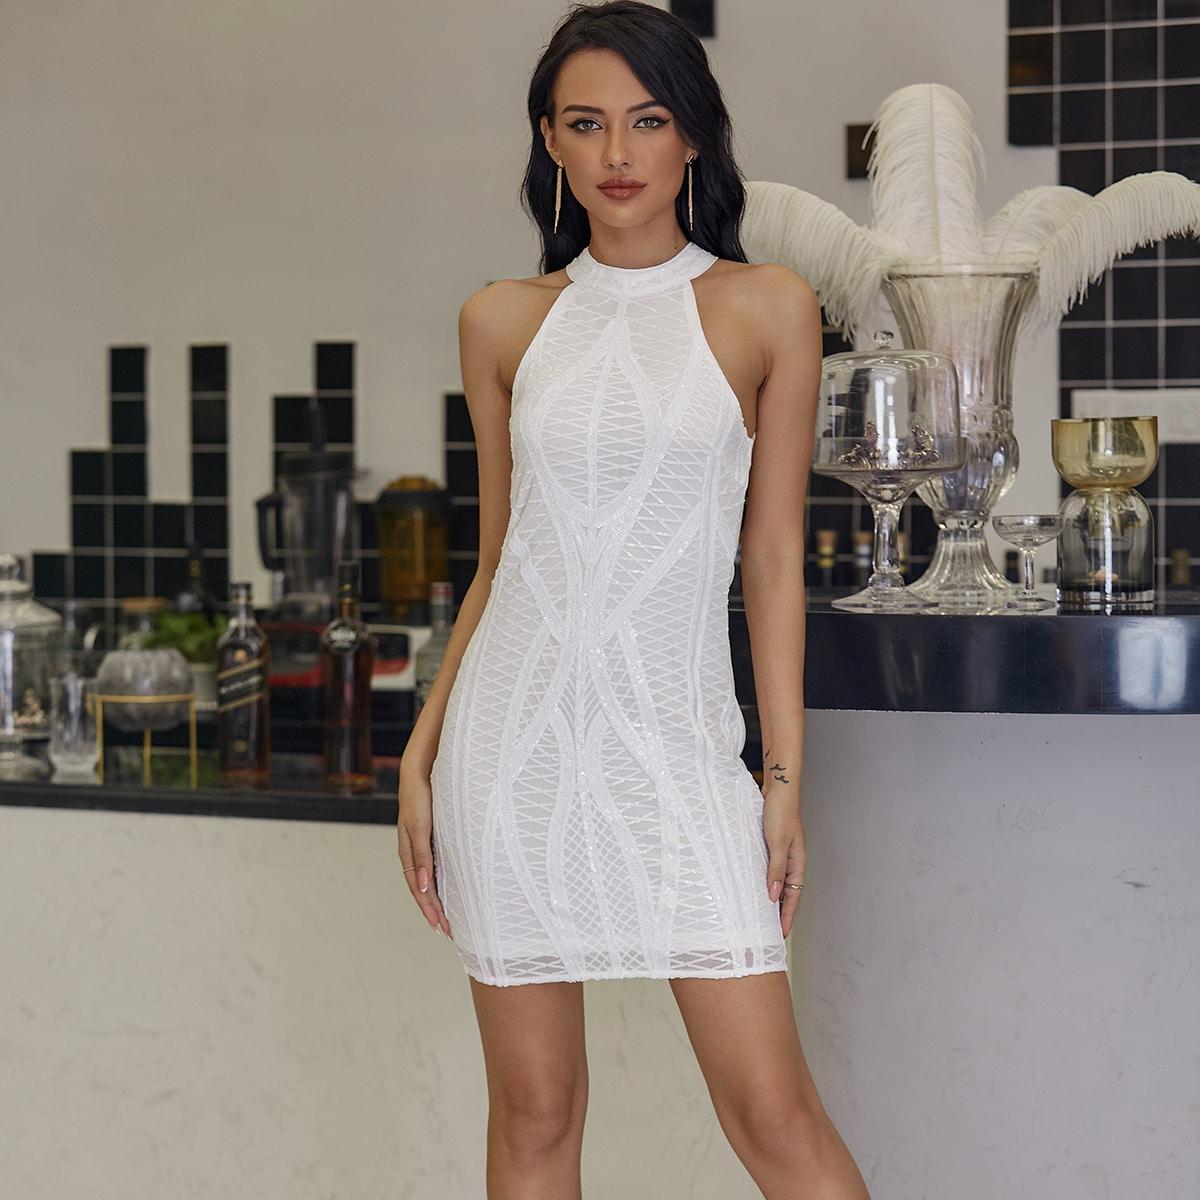 блестящее платье-халтер с молнией сзади